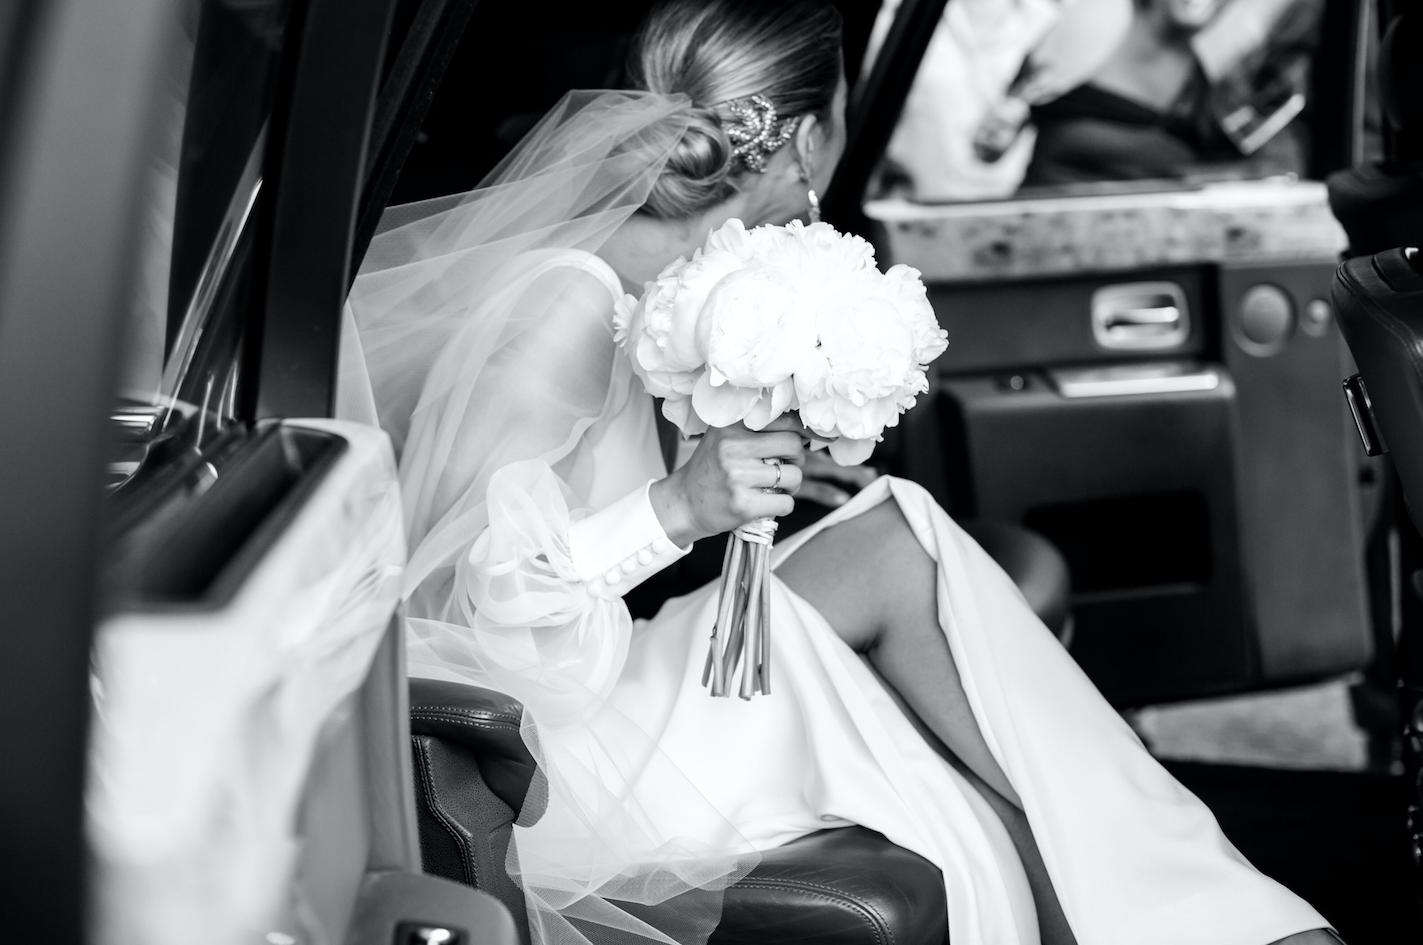 El ramo de la novia estaba compuesto por peonías blancas.